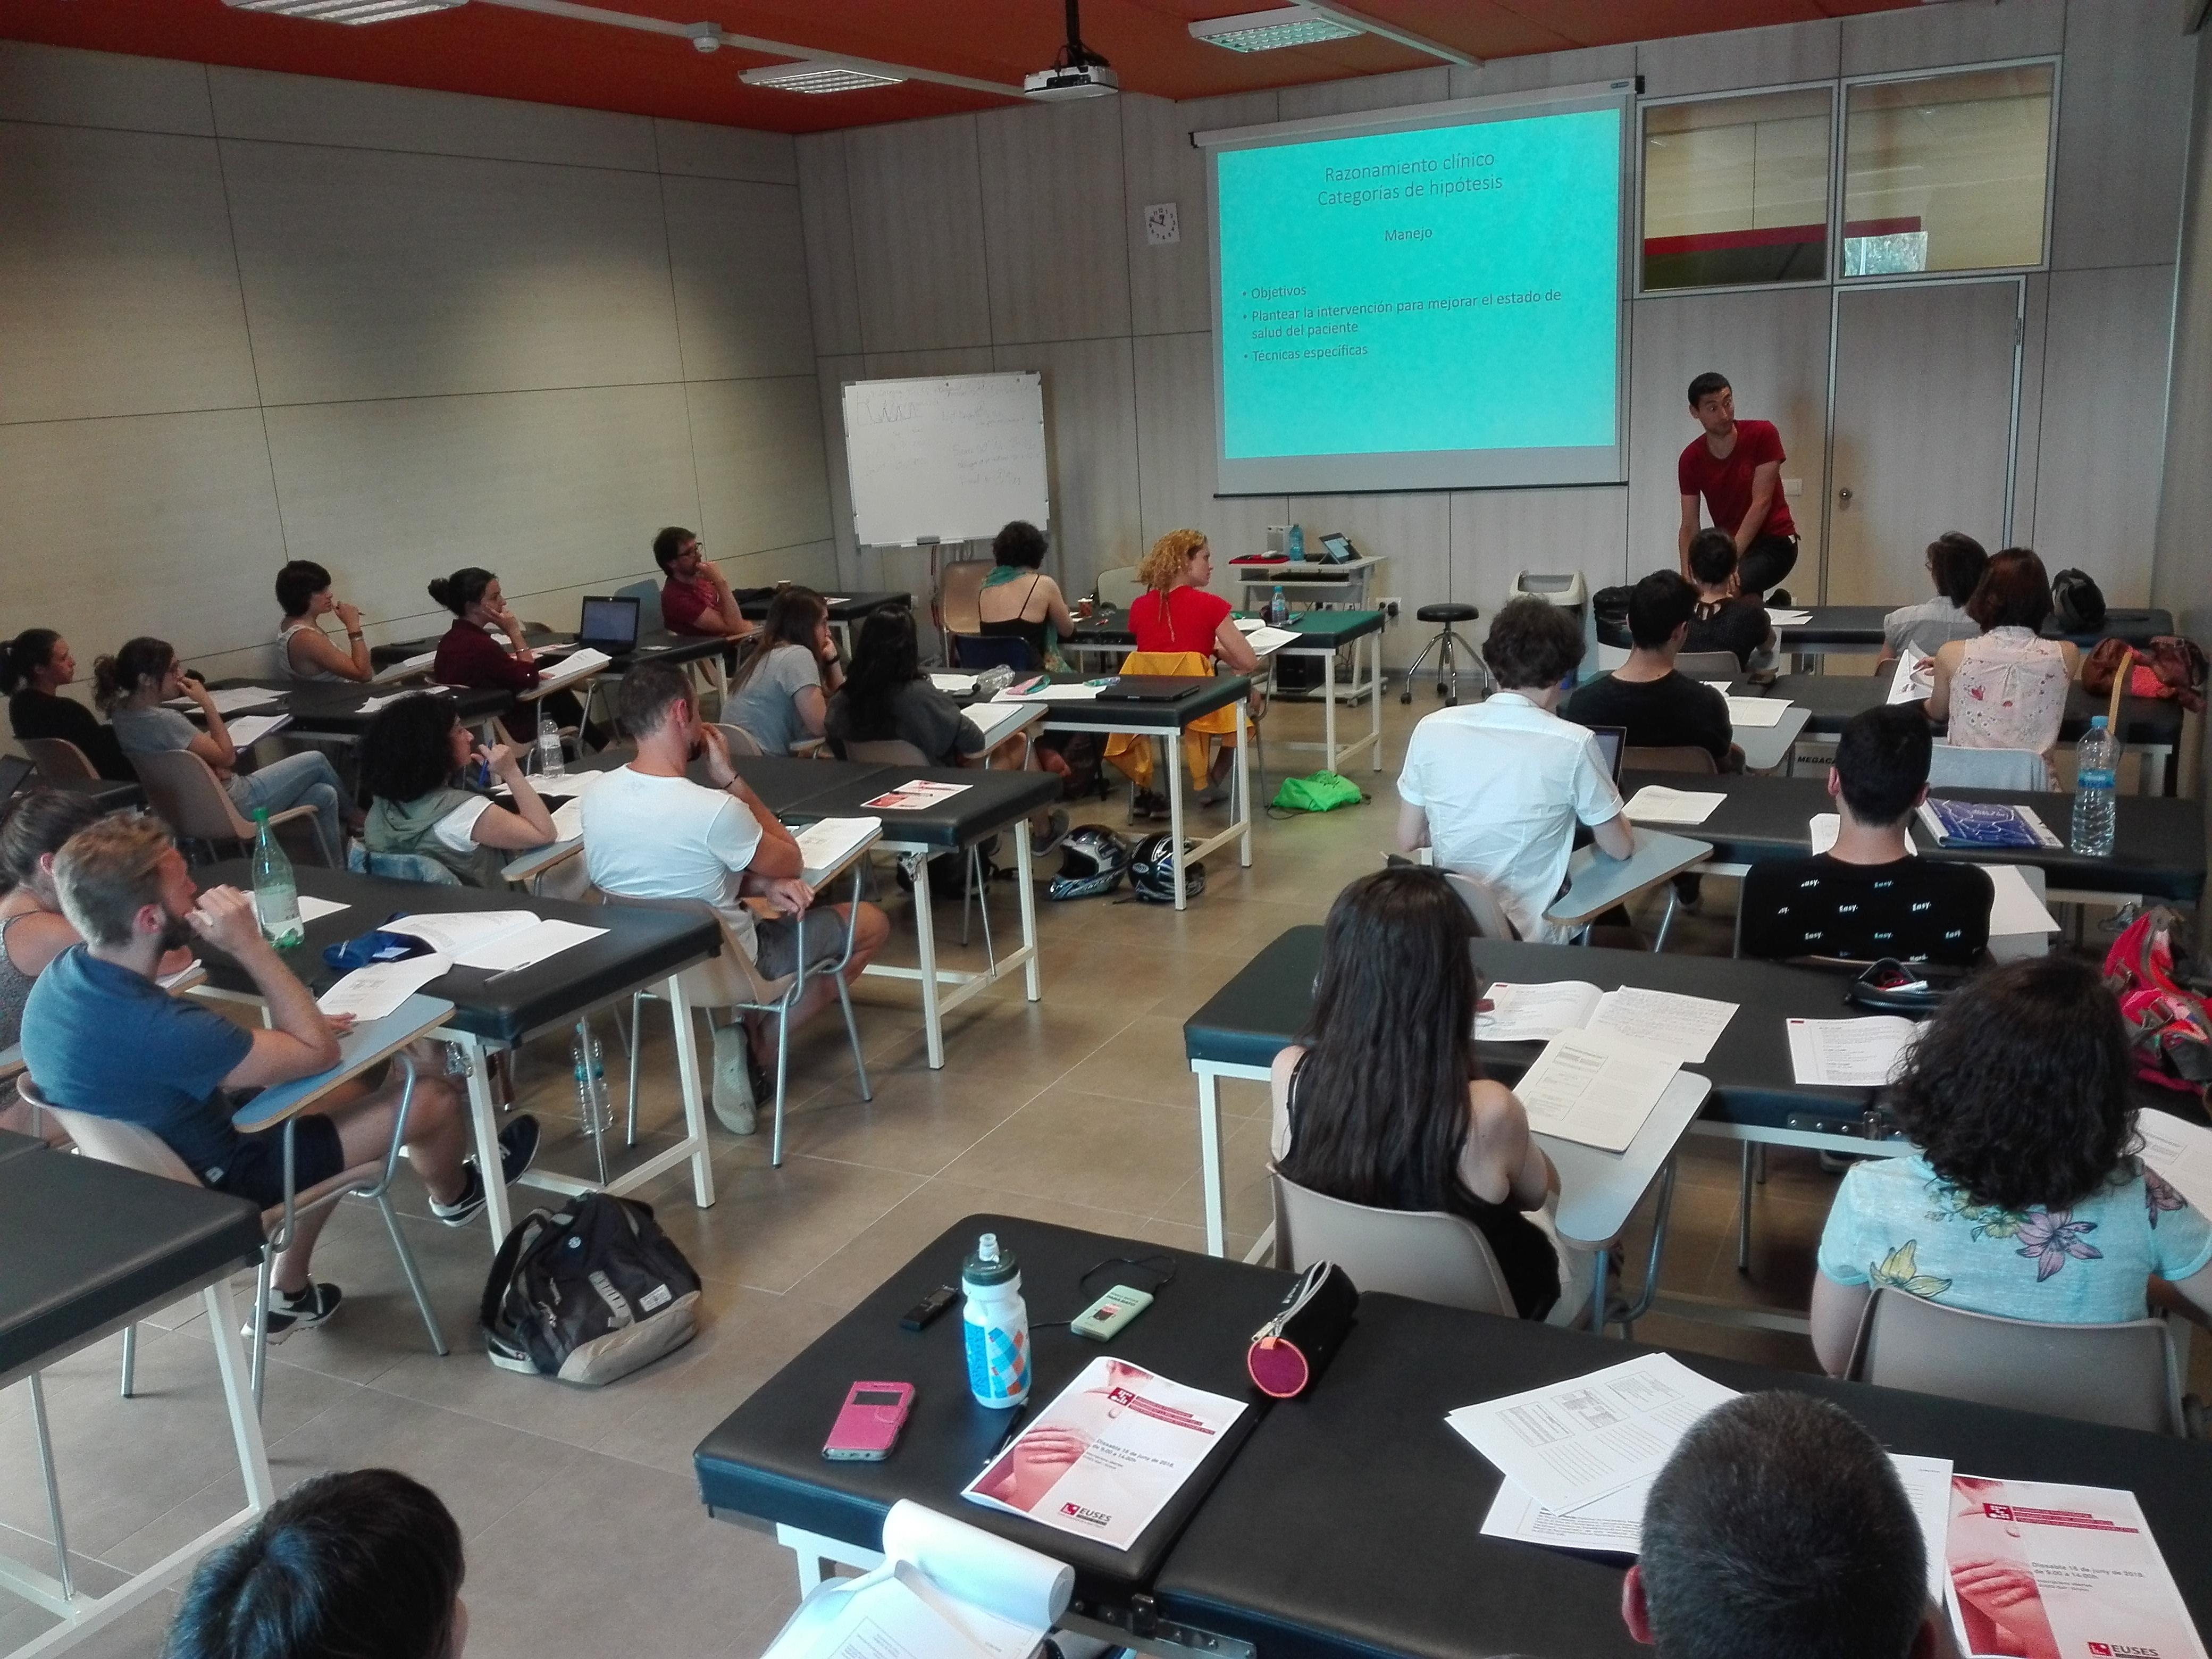 El seminari de Raonament Clínic posa punt i final a les activitats de Formació Contínua en Fisioteràpia 2017/18 a EUSES